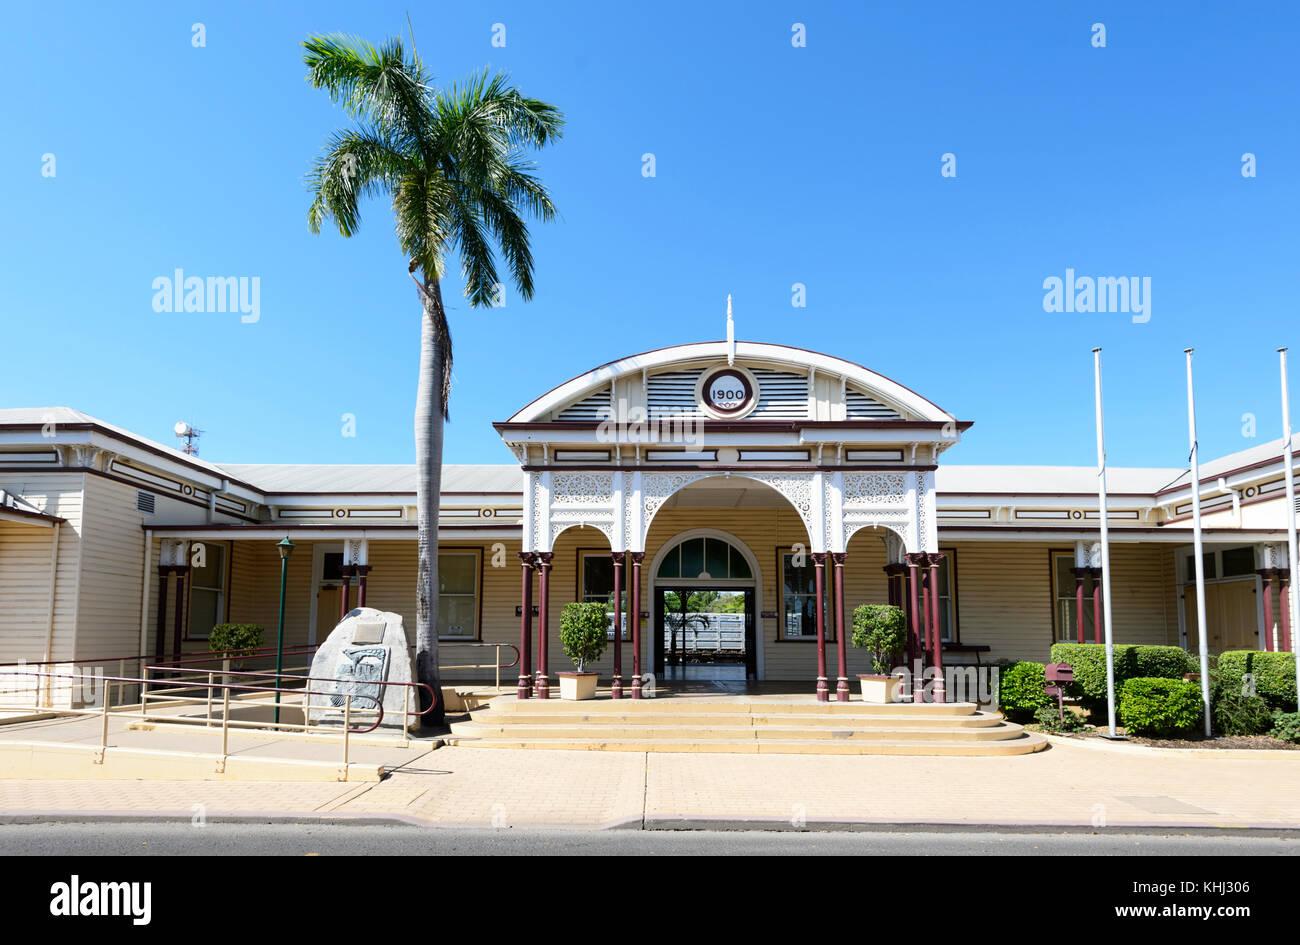 La gare classé au patrimoine construit en 1900 dans l'Émeraude, centre du Queensland, Queensland, Photo Stock